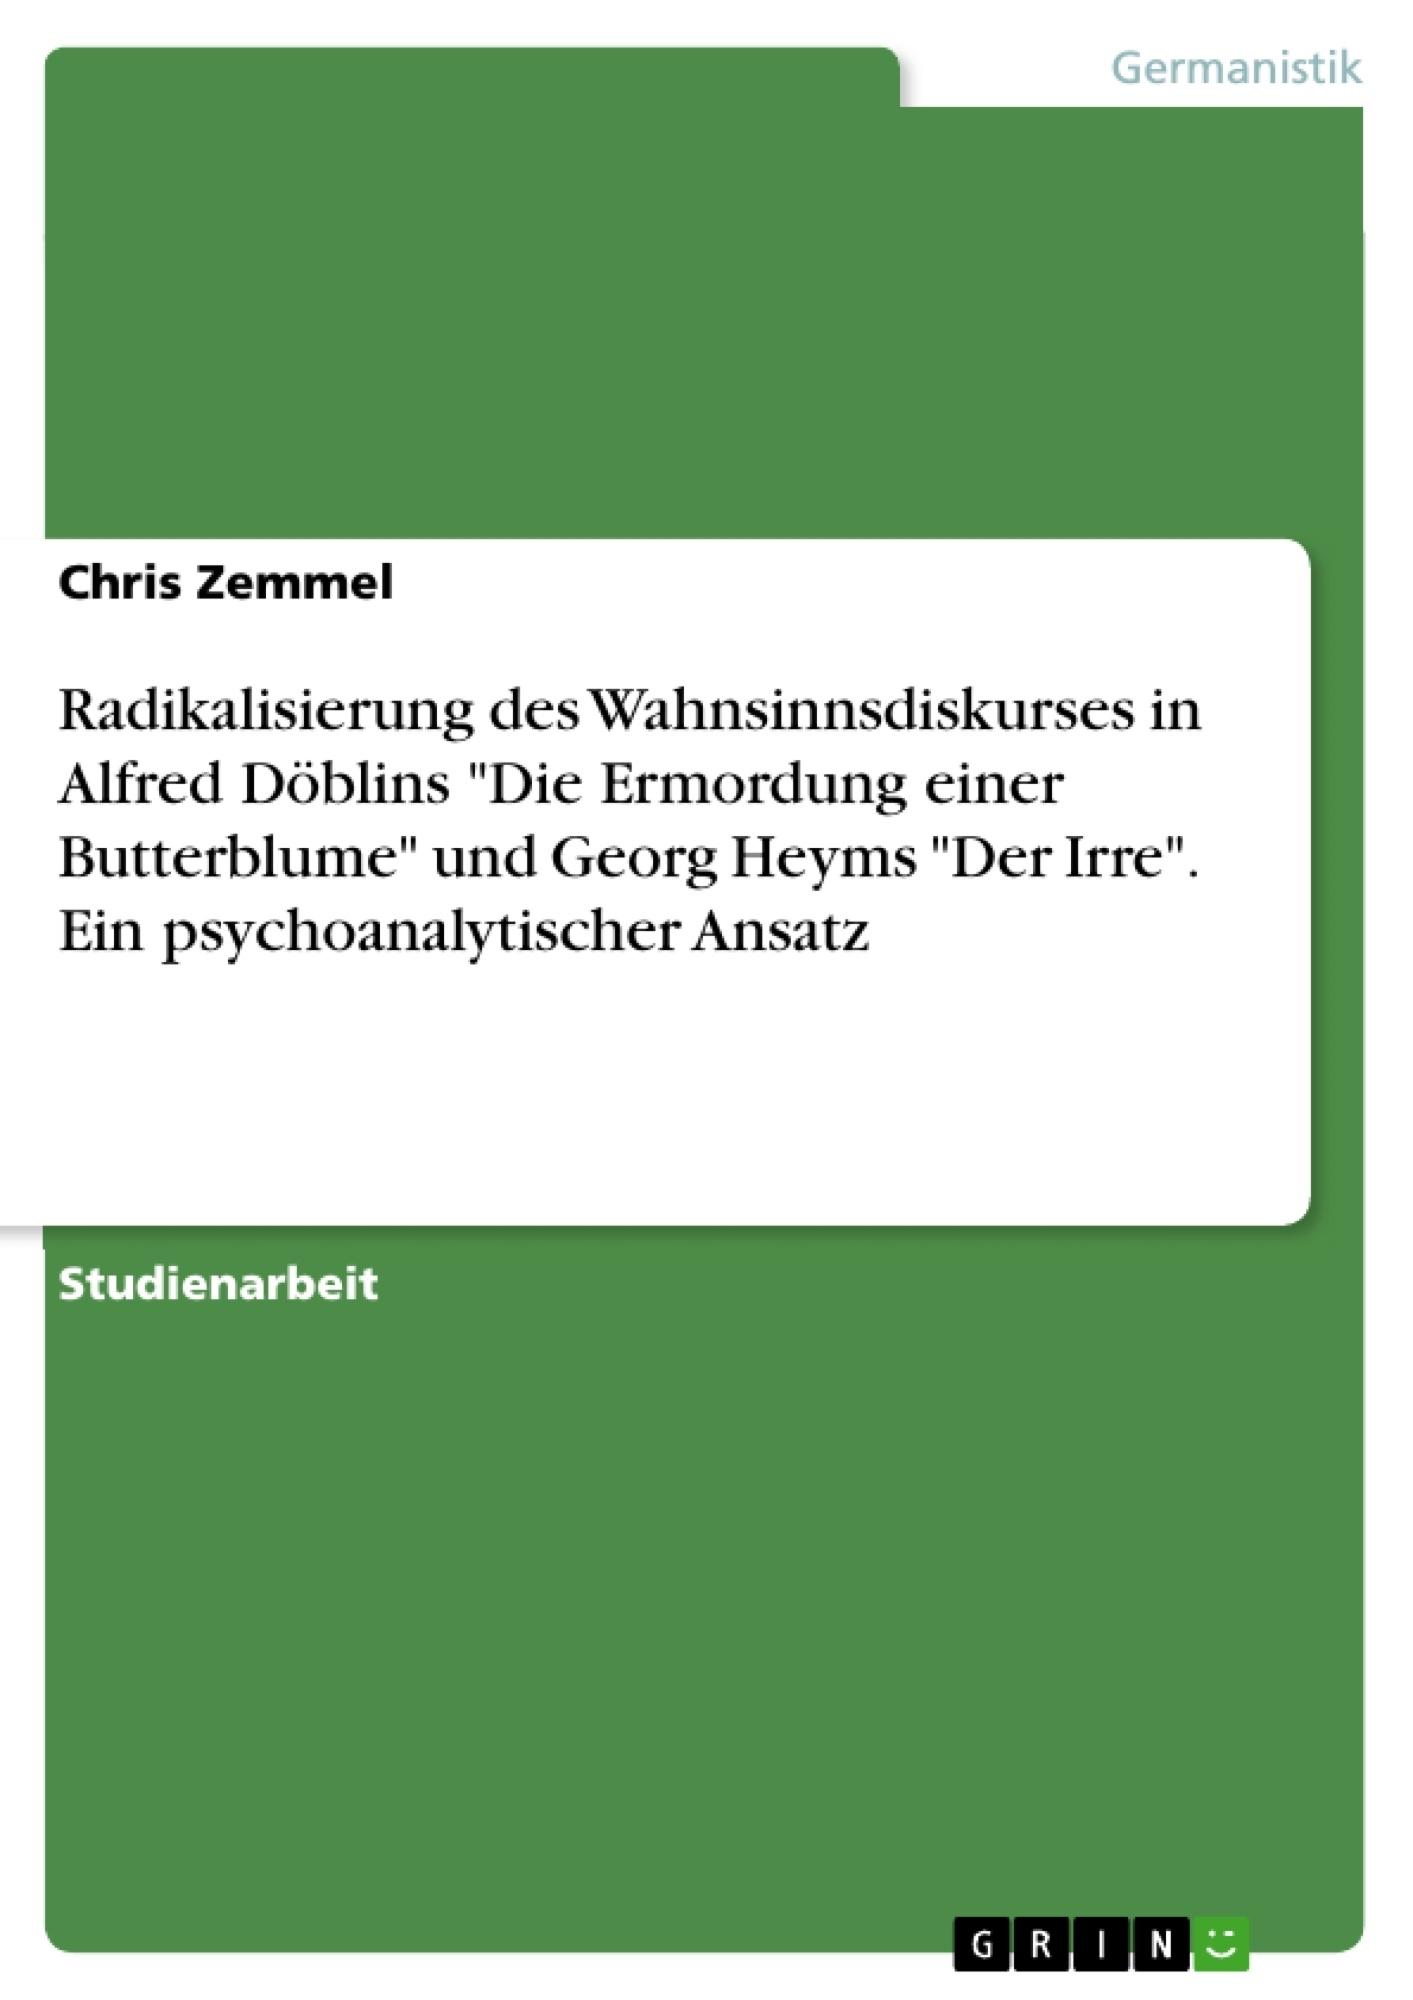 """Titel: Radikalisierung des Wahnsinnsdiskurses in Alfred Döblins """"Die Ermordung einer Butterblume"""" und Georg Heyms """"Der Irre"""". Ein psychoanalytischer Ansatz"""